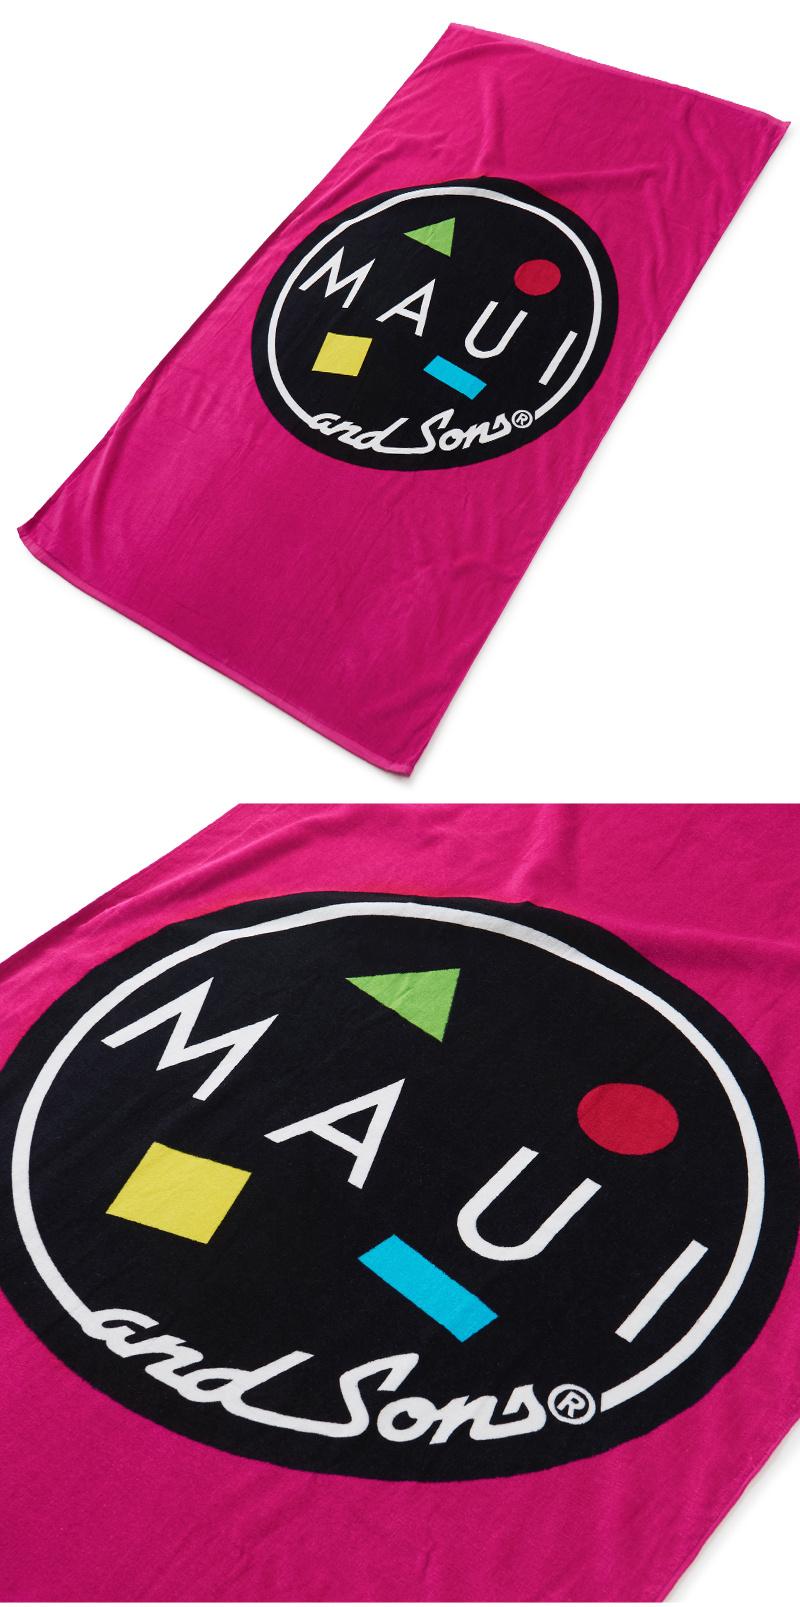 마우이앤선즈(MAUI&SONS) 엘리멘탈 [핑크]